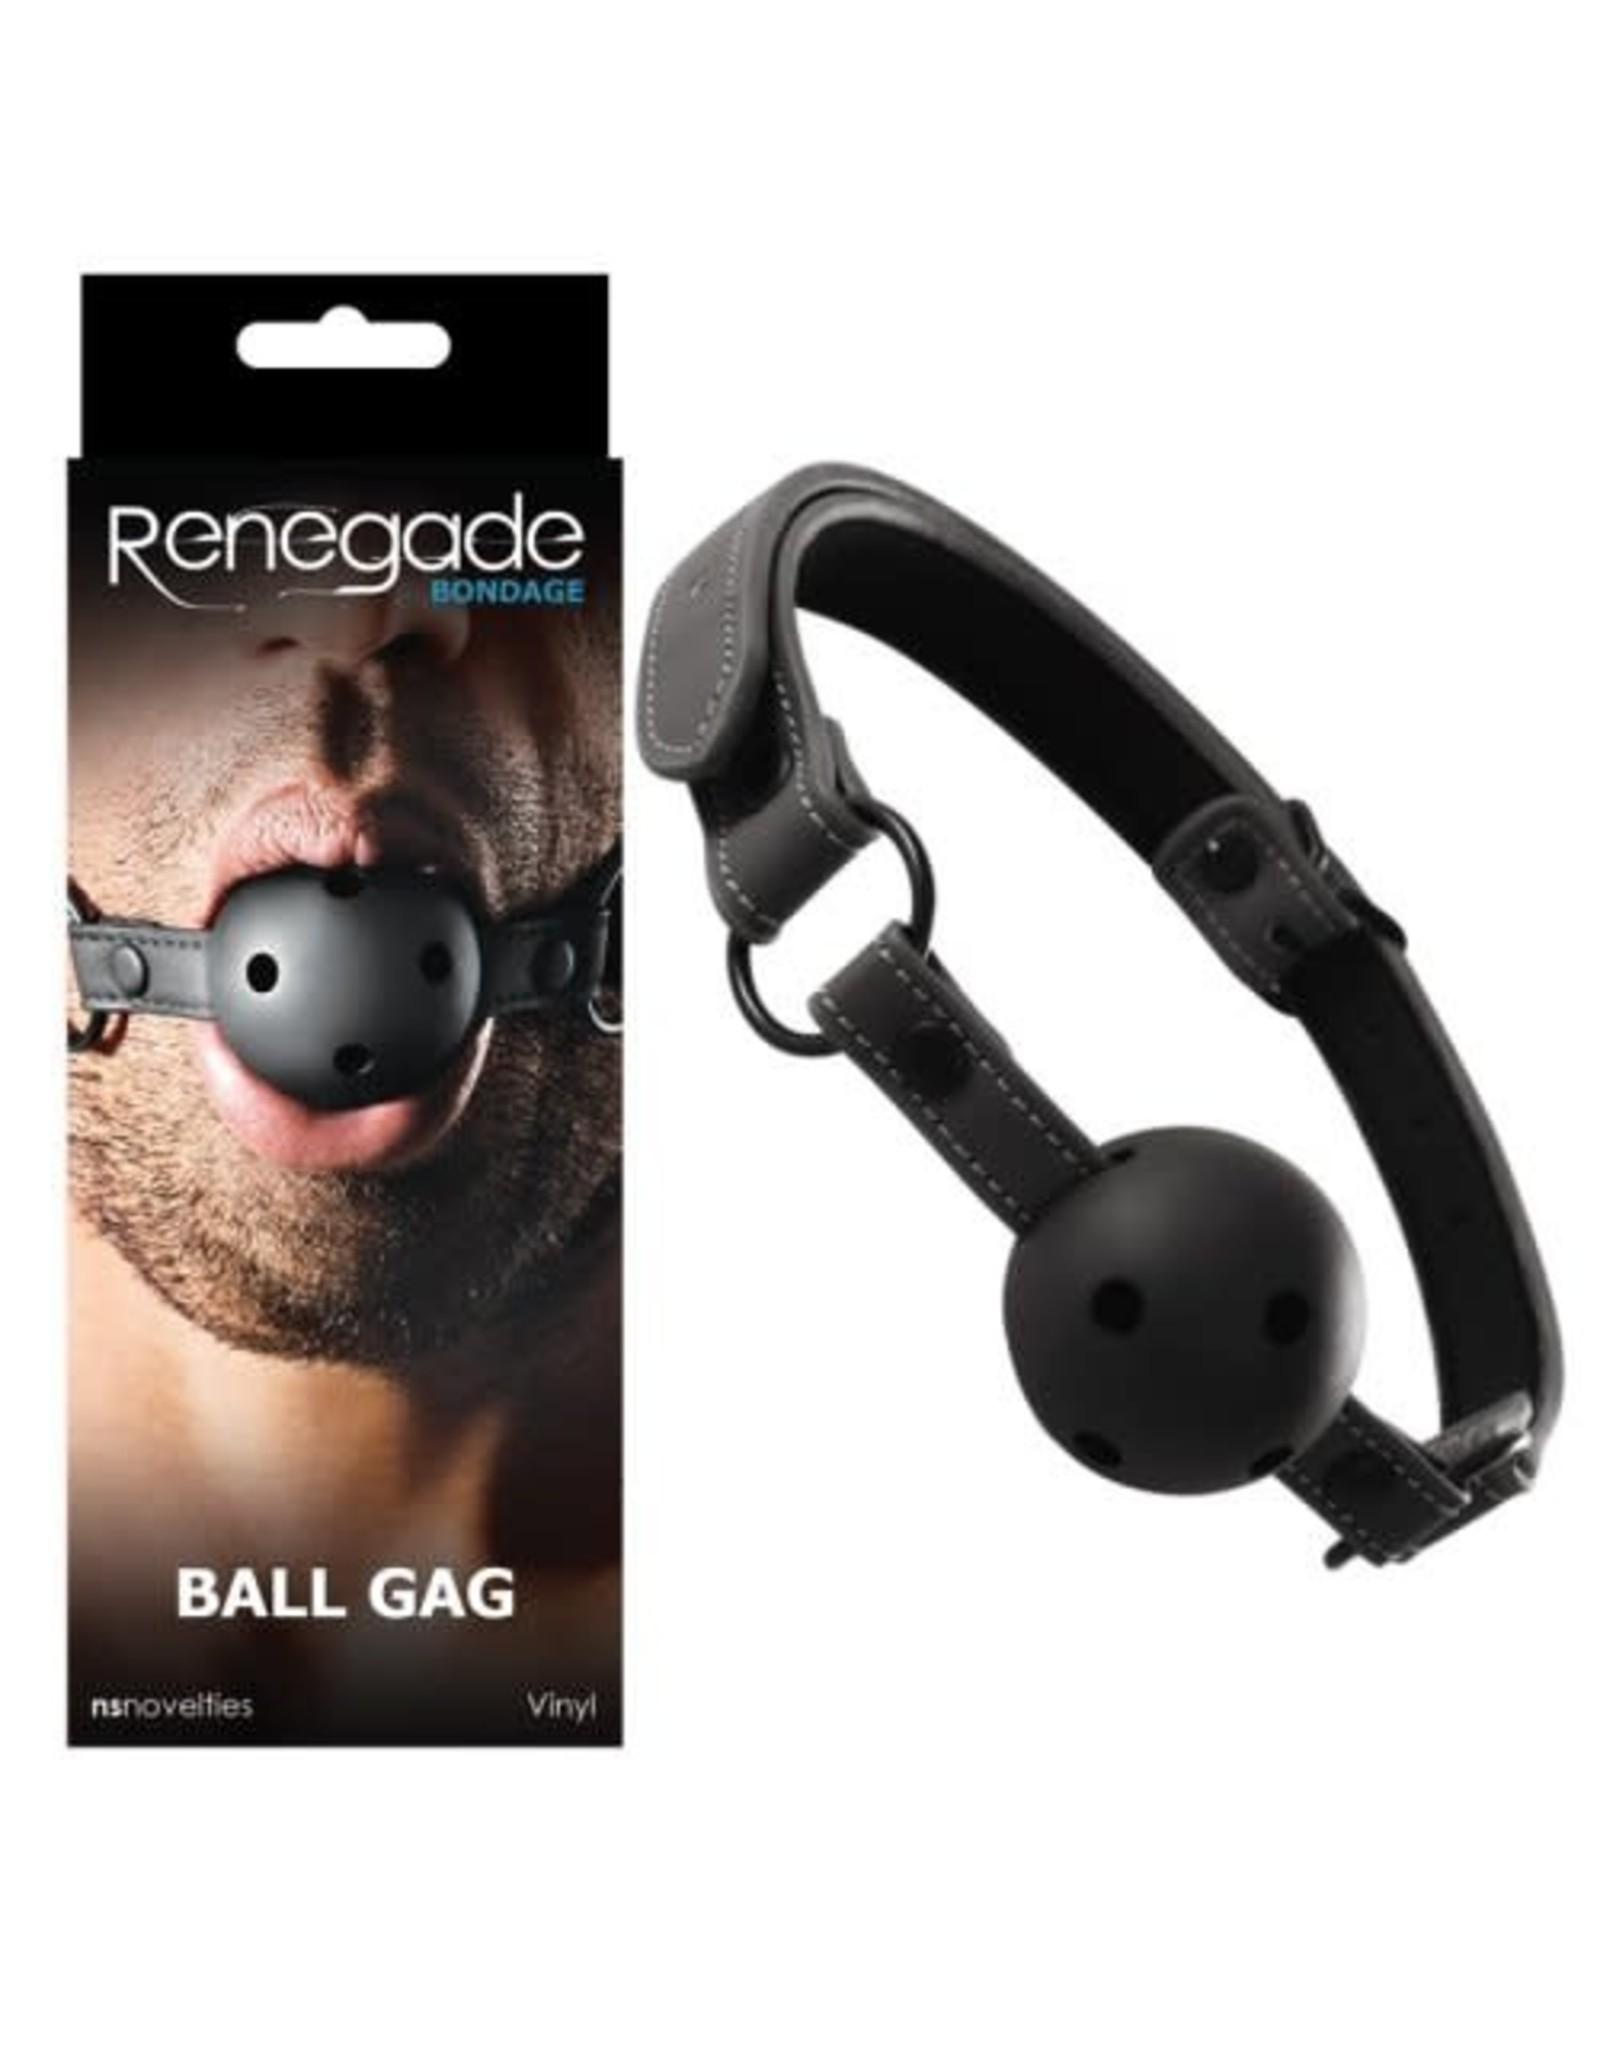 Renegade Renegade - Ball Gag/Blk